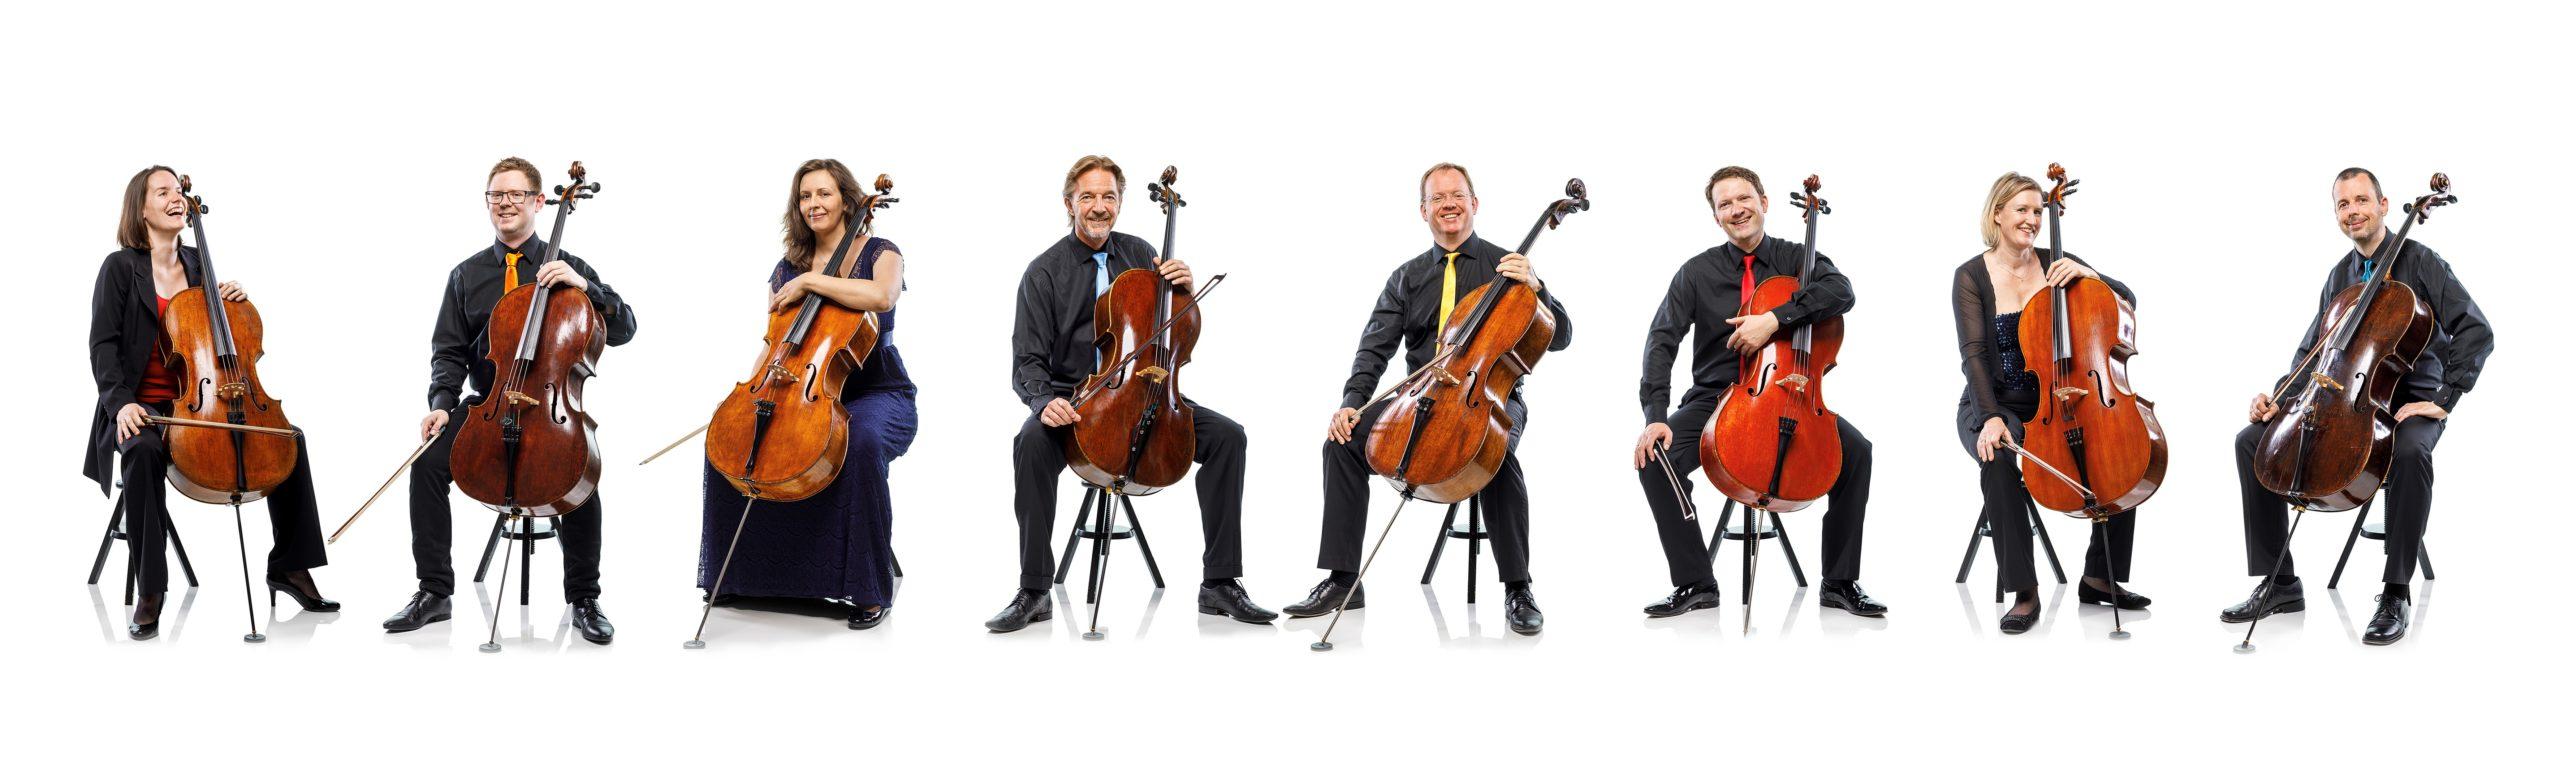 Wiener Symphoniker - Durch die Blume